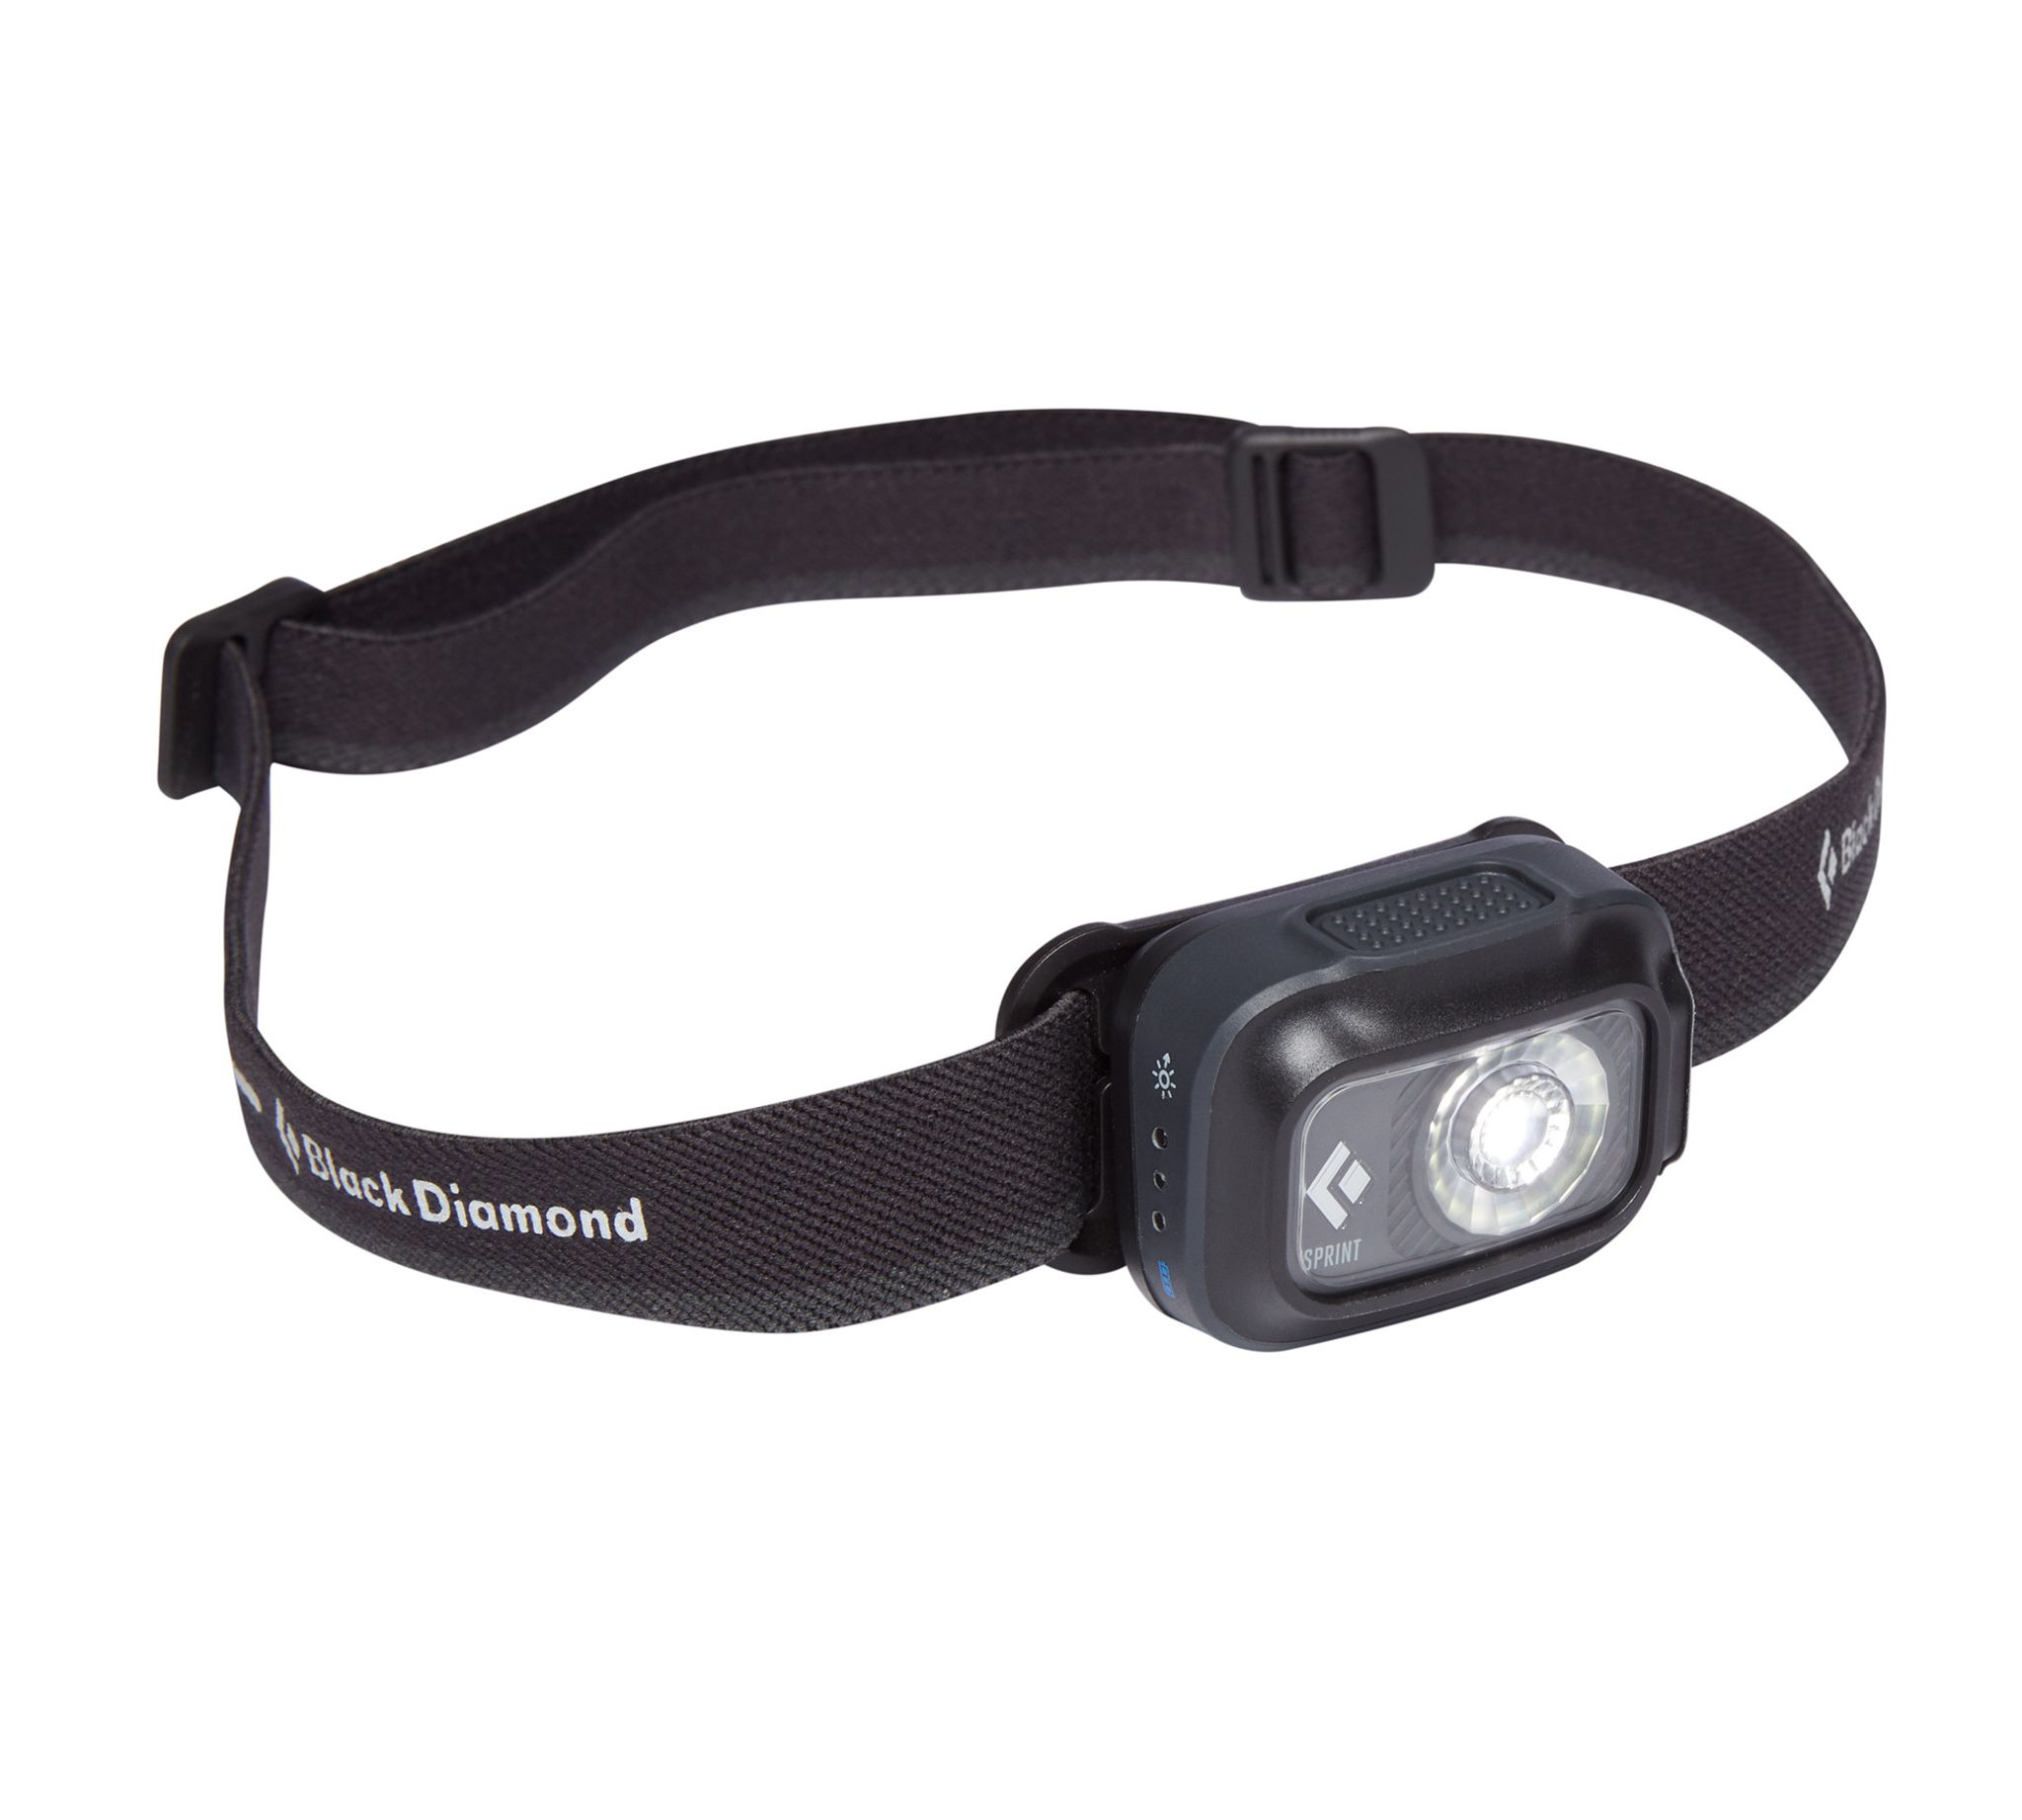 Zuverlässige Beleuchtung – Wiederaufladbare Stirnlampen von Black Diamond